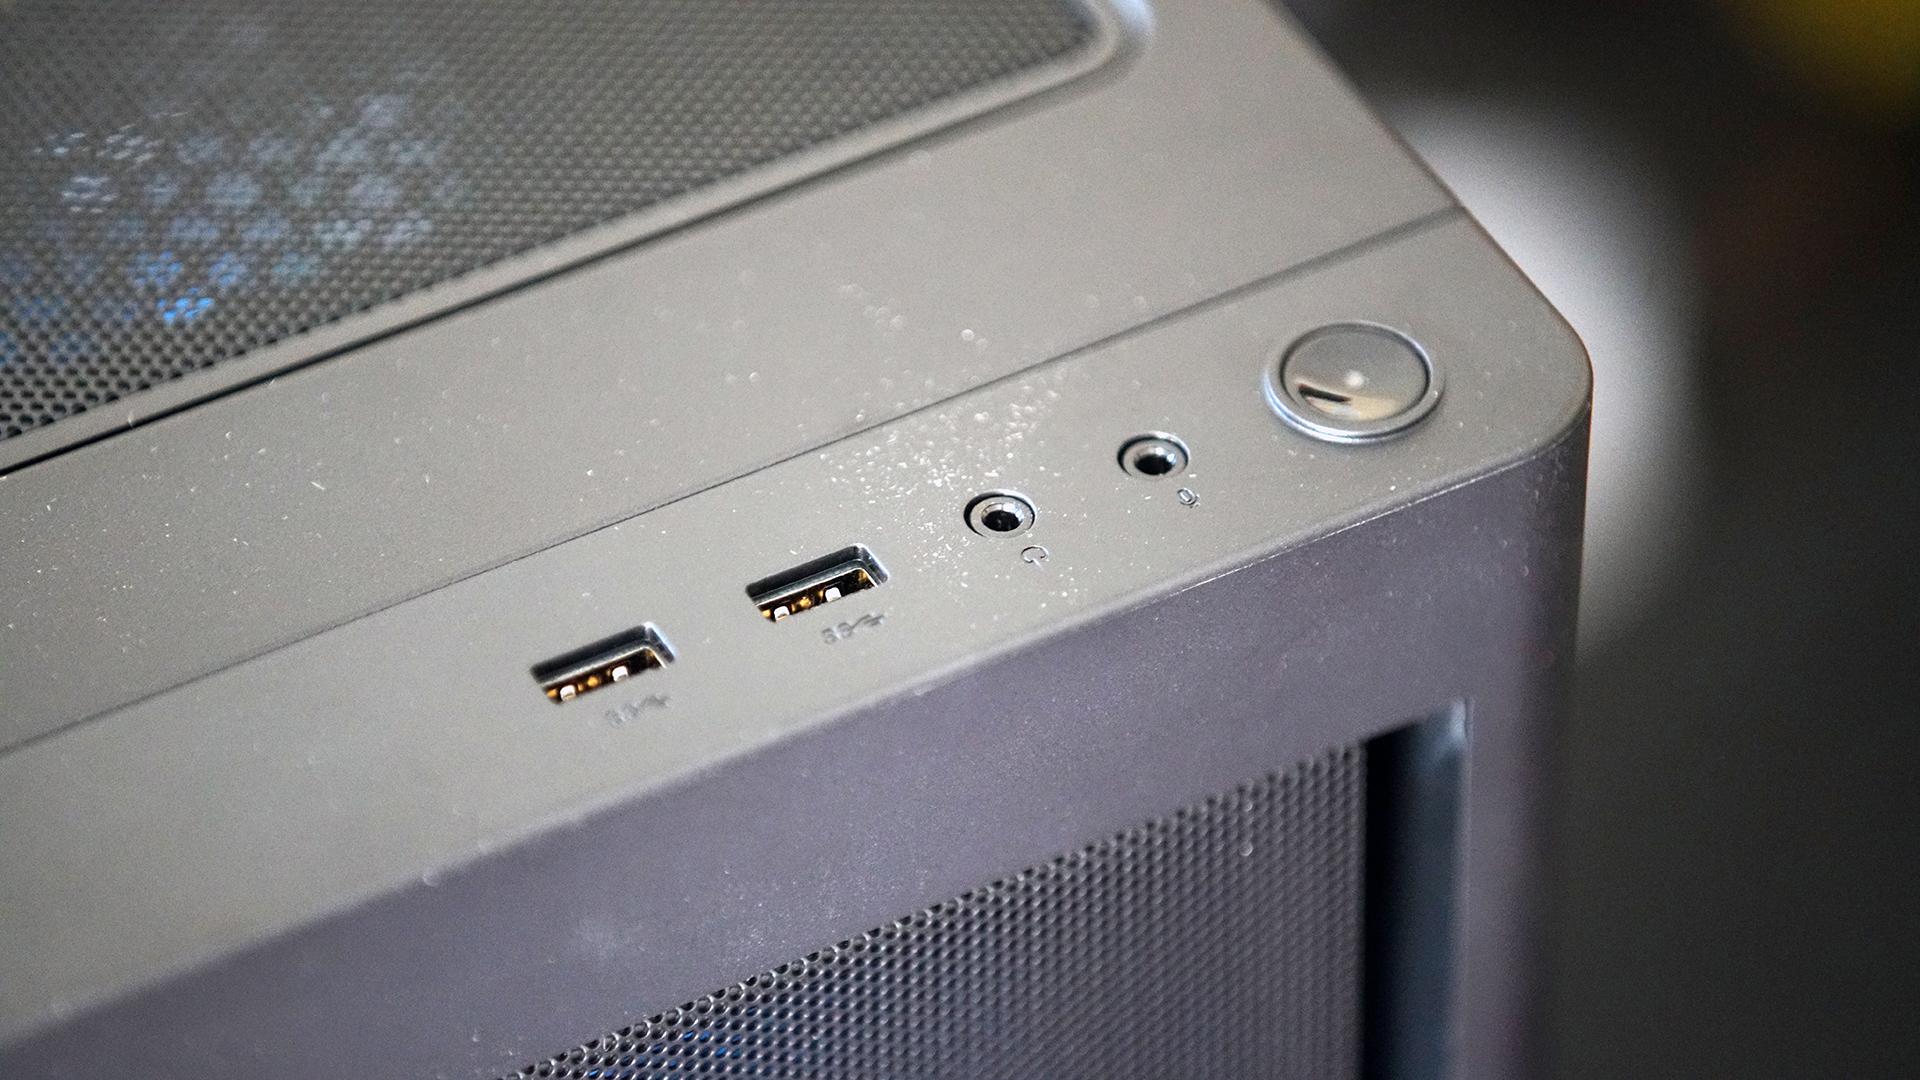 La parte superior y frontal de la carcasa Lenovo Legion 5i, que muestra los puertos frontales y el botón de encendido